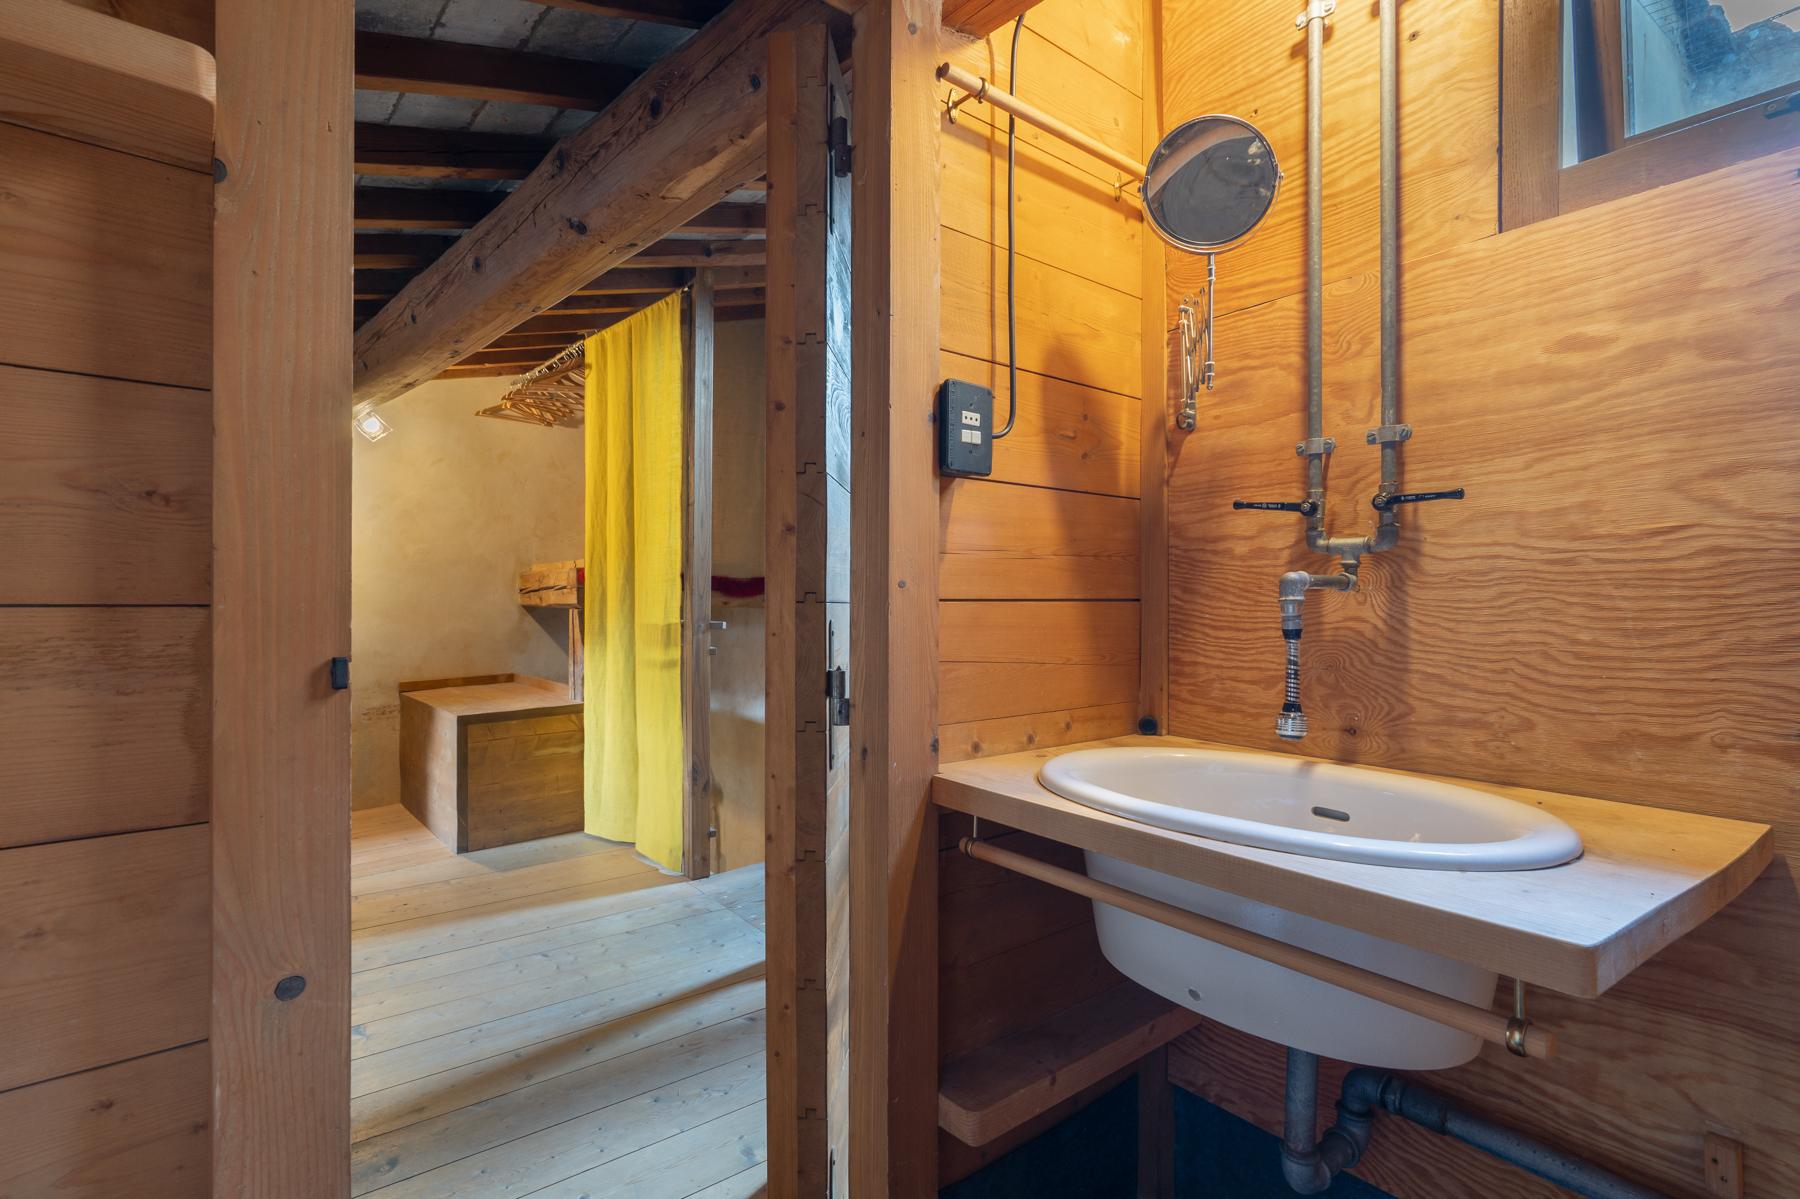 Appartamento in Vendita a Firenze: 4 locali, 120 mq - Foto 21